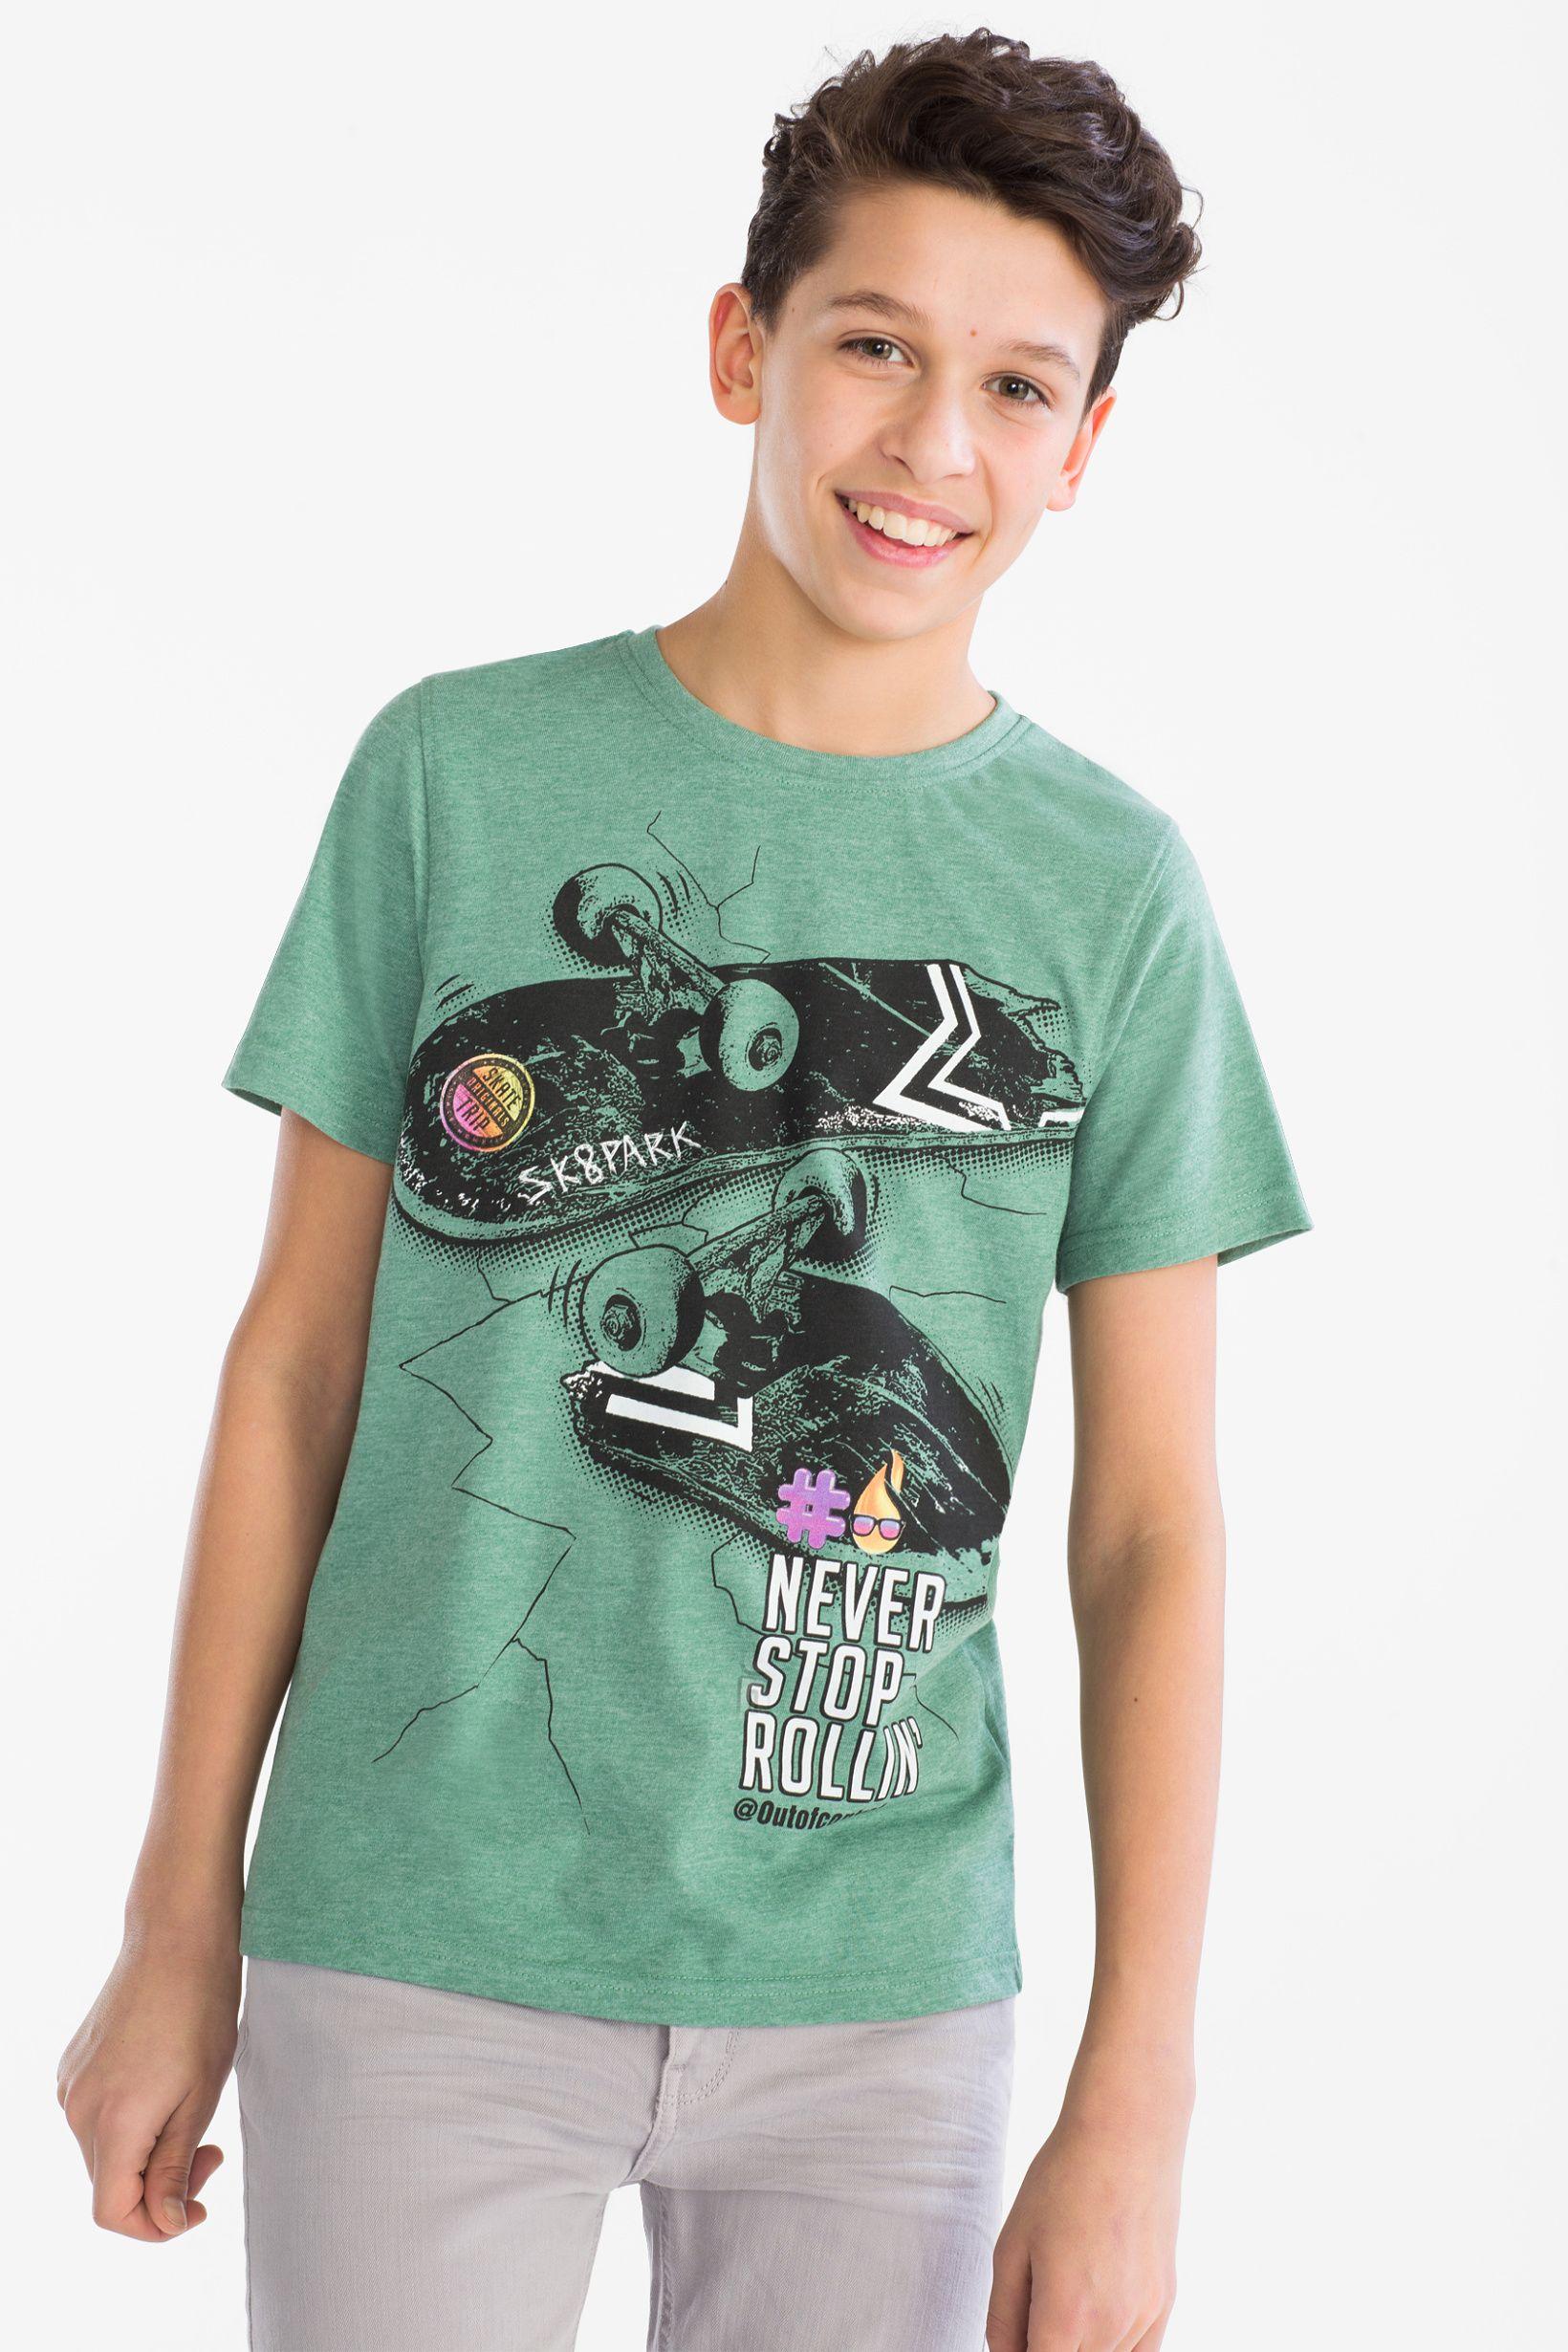 e5fbee34168 Poleras Polos Niños, Moda Para Meninas, Camisetas Estampadas, Moda Niños,  Moda Infantil